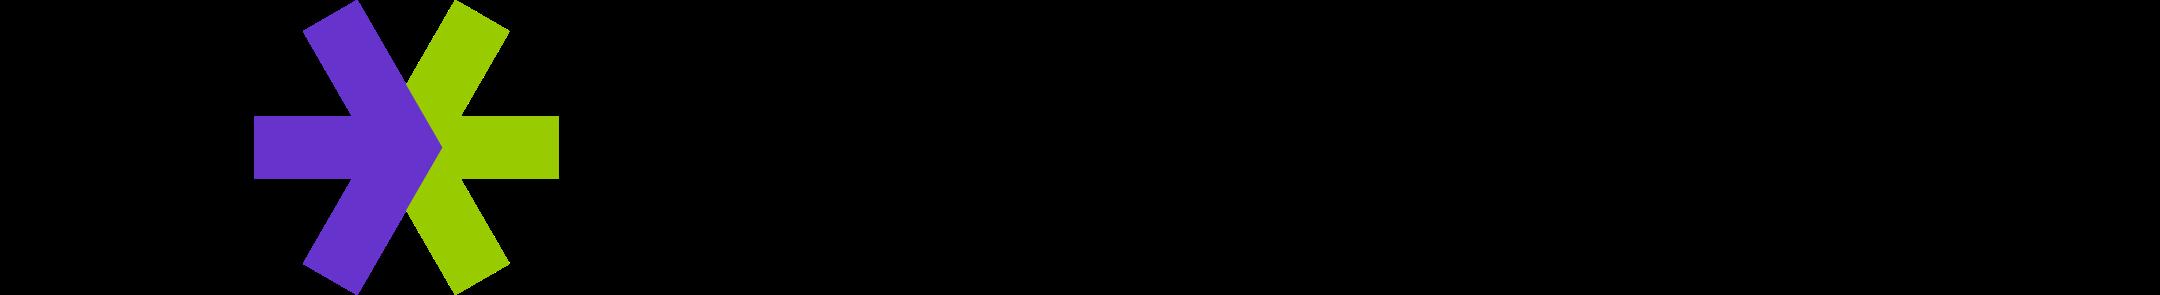 etrade logo 1 - E*TRADE Logo